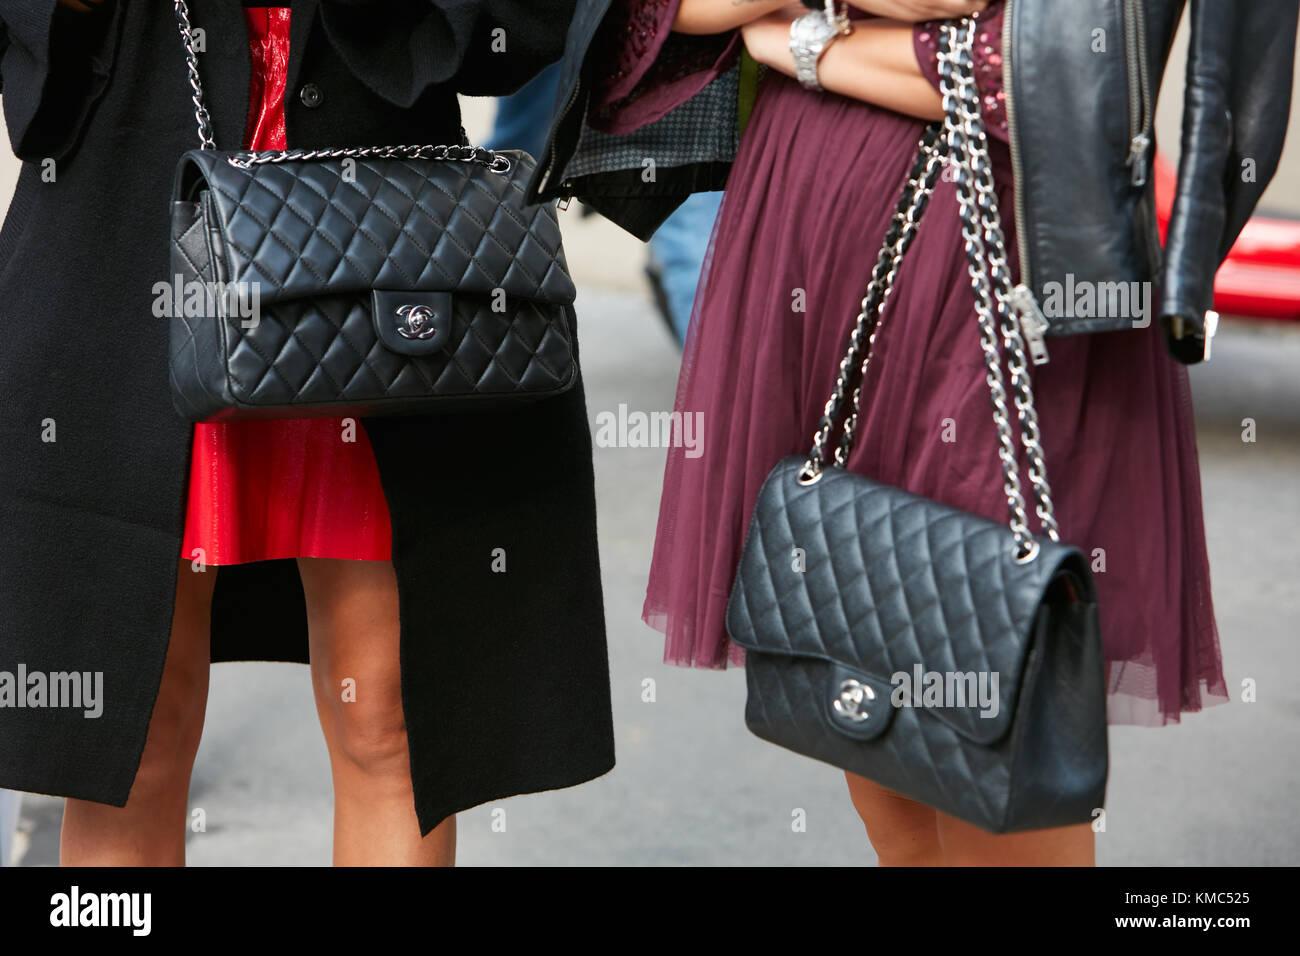 Mailand - 23. September: Frauen mit schwarzem Leder chanel Taschen ...